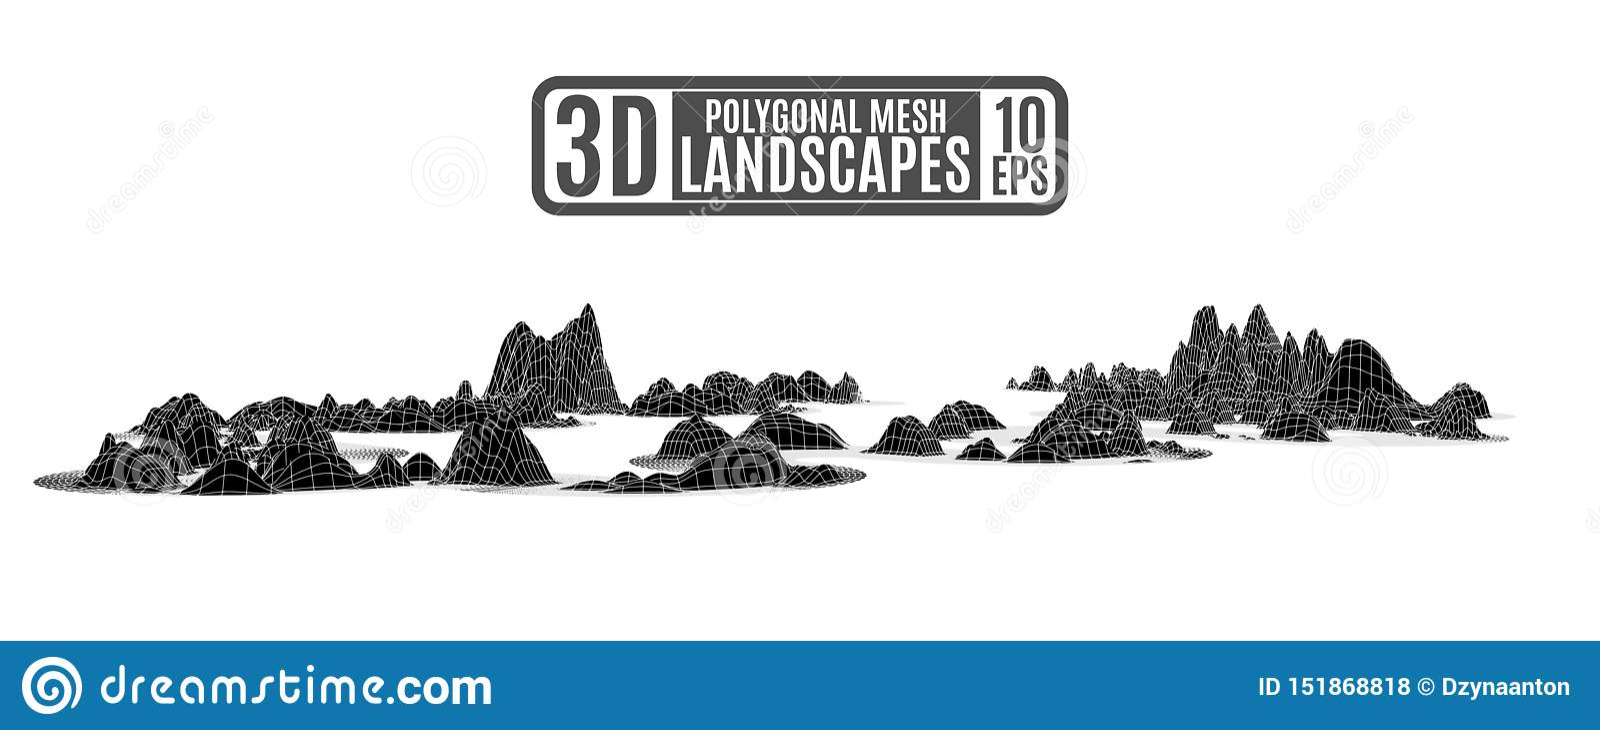 Montanhas poligonais pretas no estilo do relevo do computador para uma apresentação